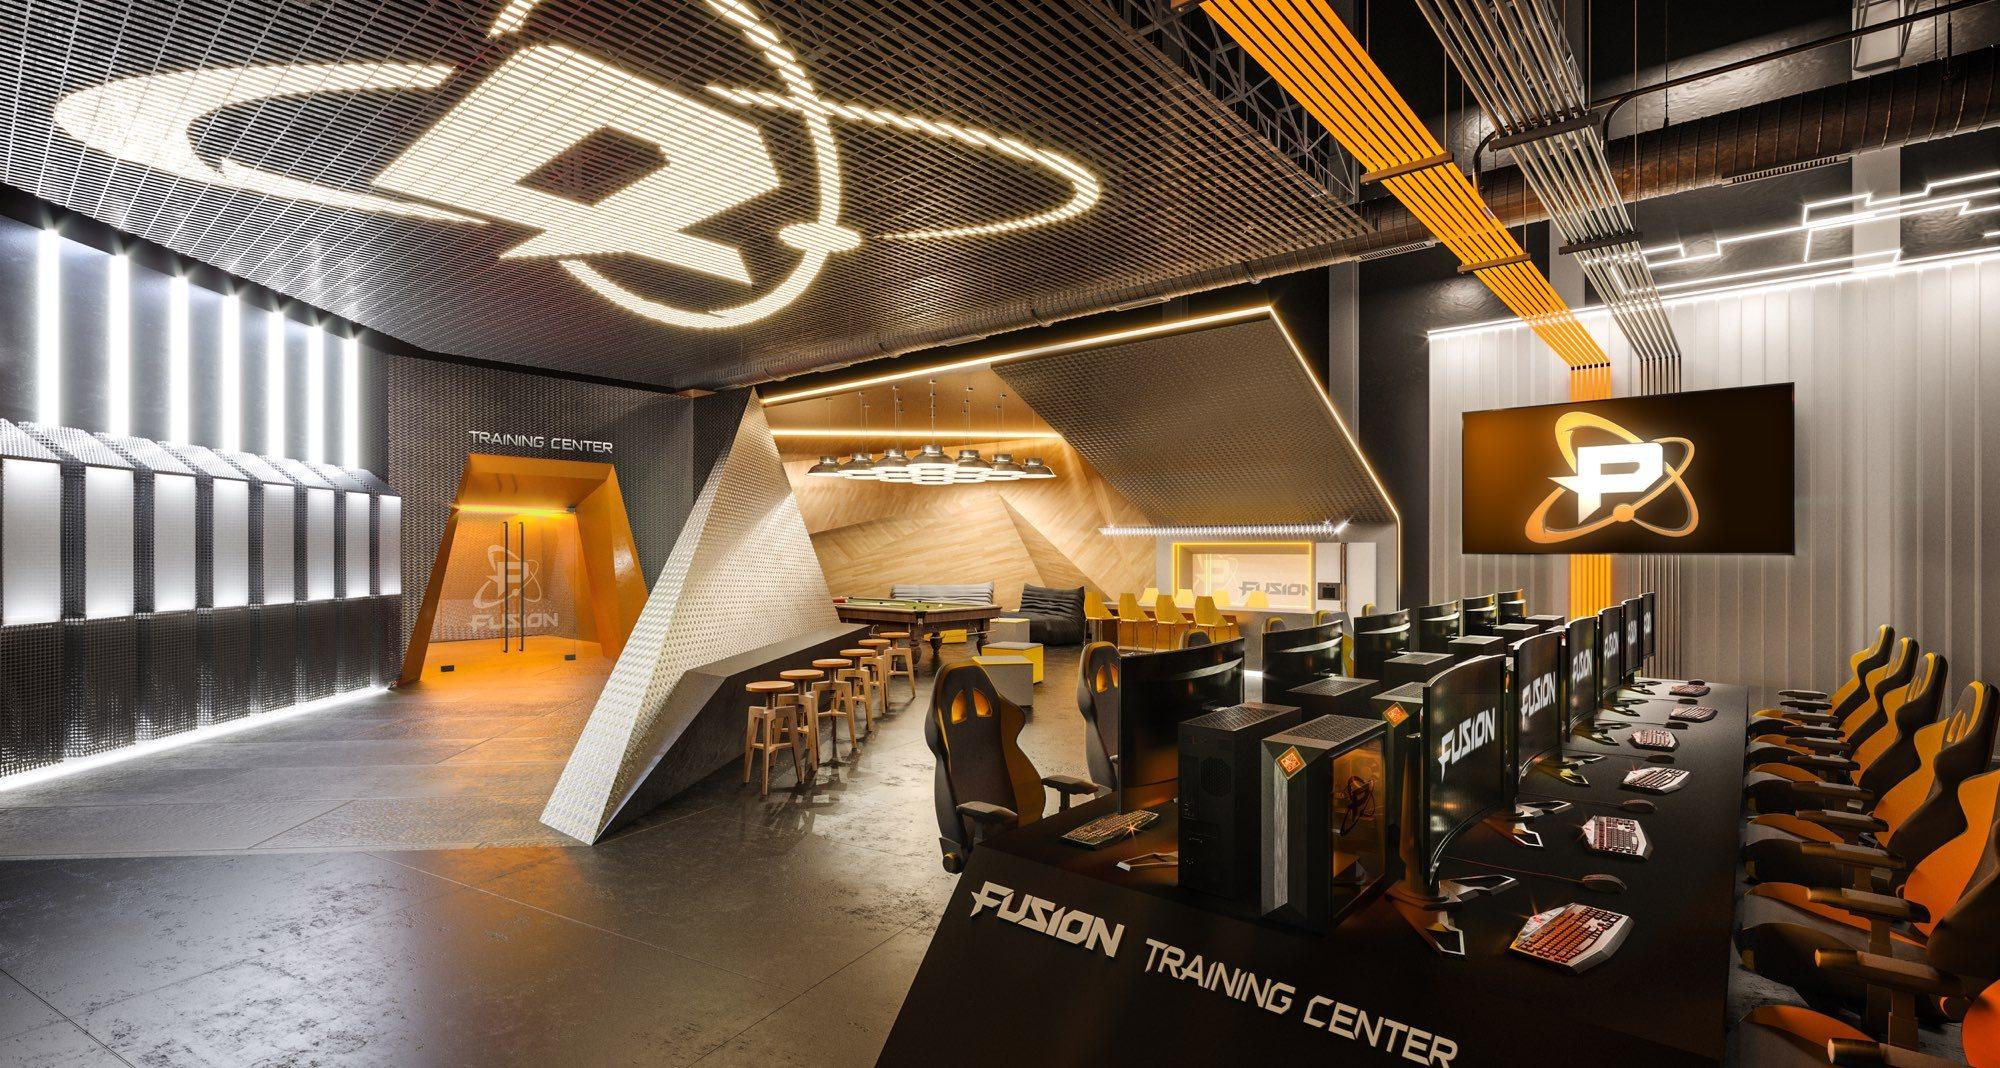 Fusion Arena nabídne kompletní zázemí pro hráče a jejich trénink